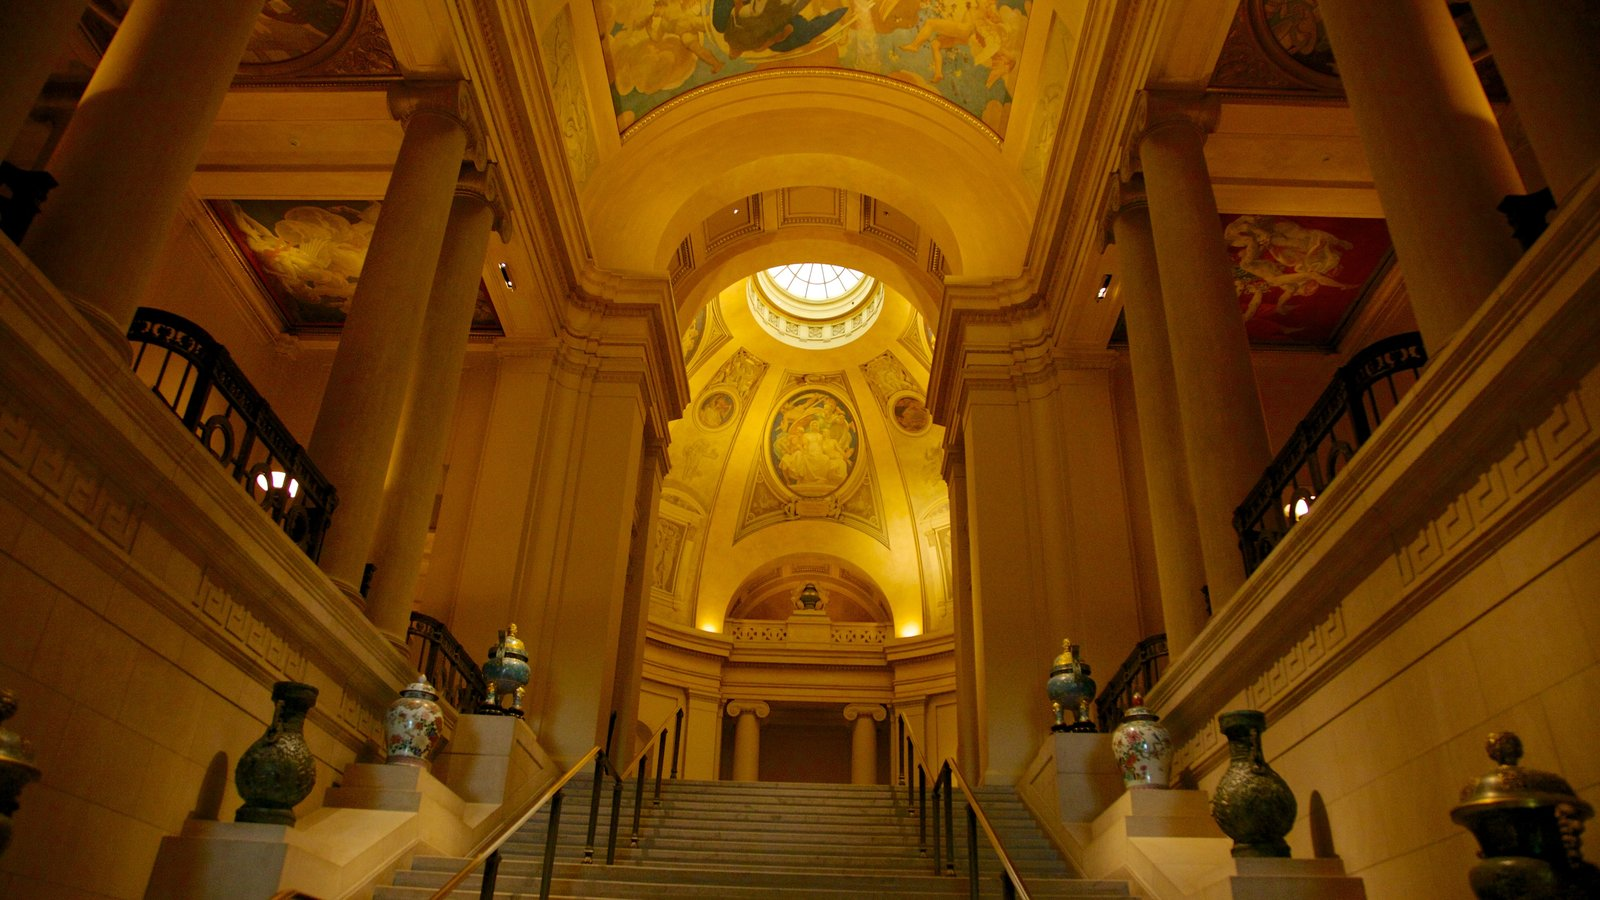 Museo de Bellas Artes de Boston que incluye vistas interiores